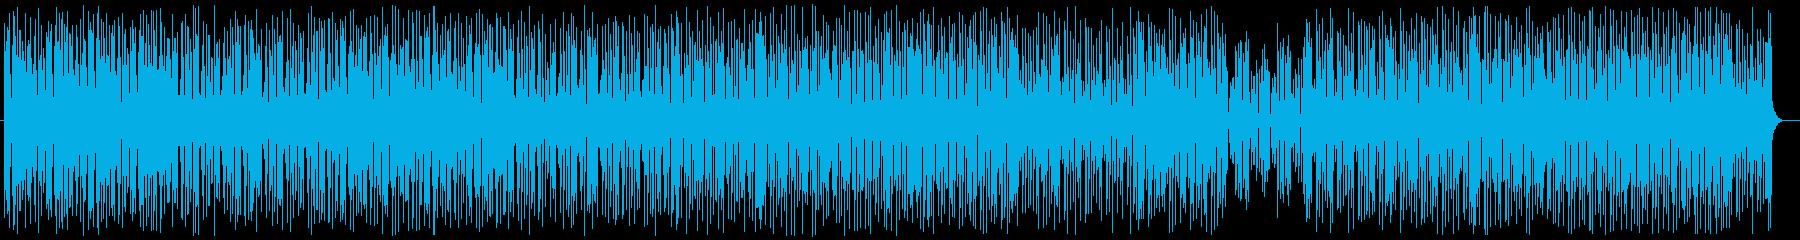 楽しげでゆっくりなサウンドの再生済みの波形